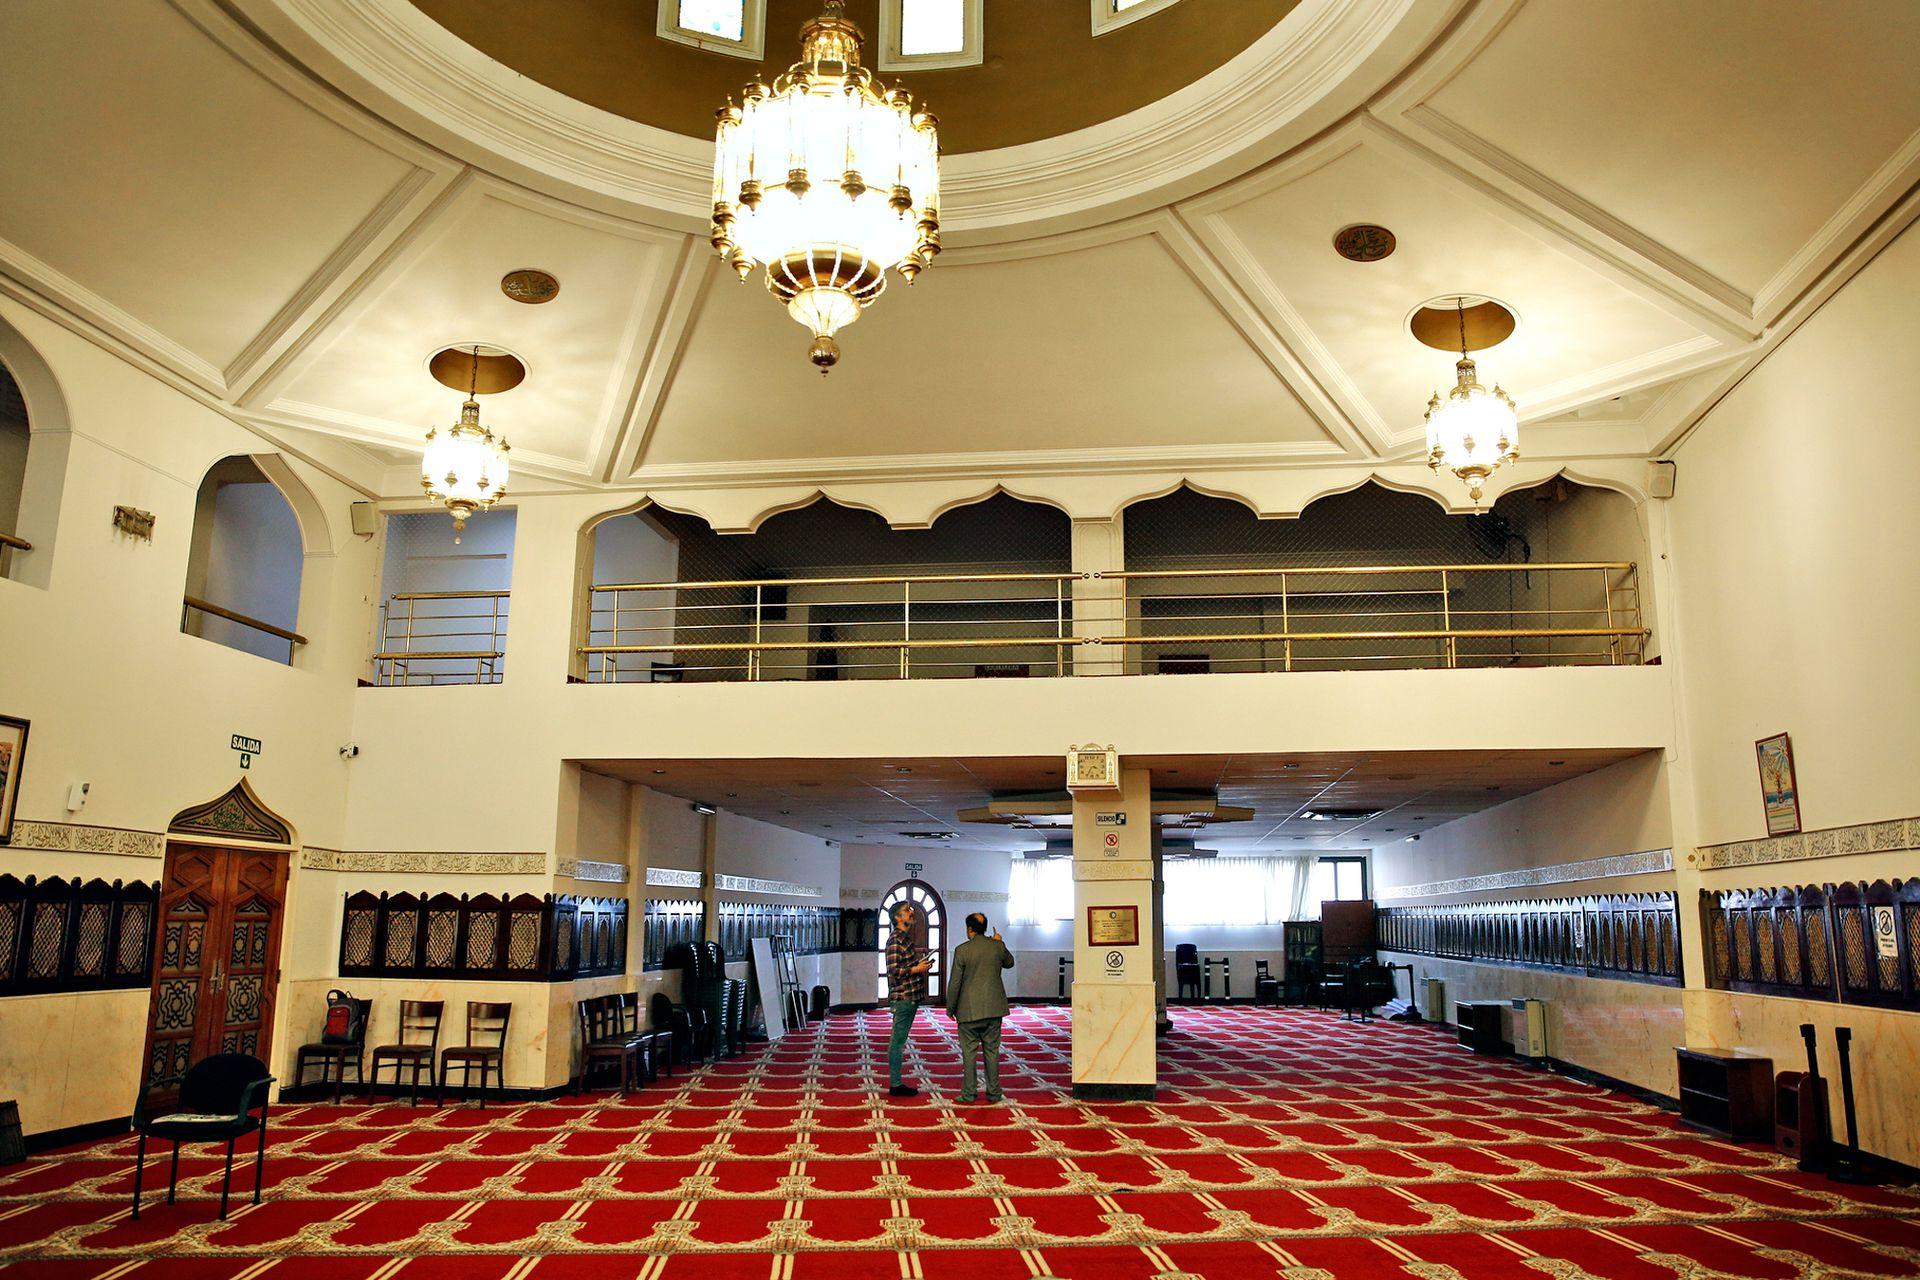 La mezquita Al-Ahmad fue inaugurada en 1985 y ampliada en 2009: todo lo que está detrás de la columna corresponde a la ampliación del edificio